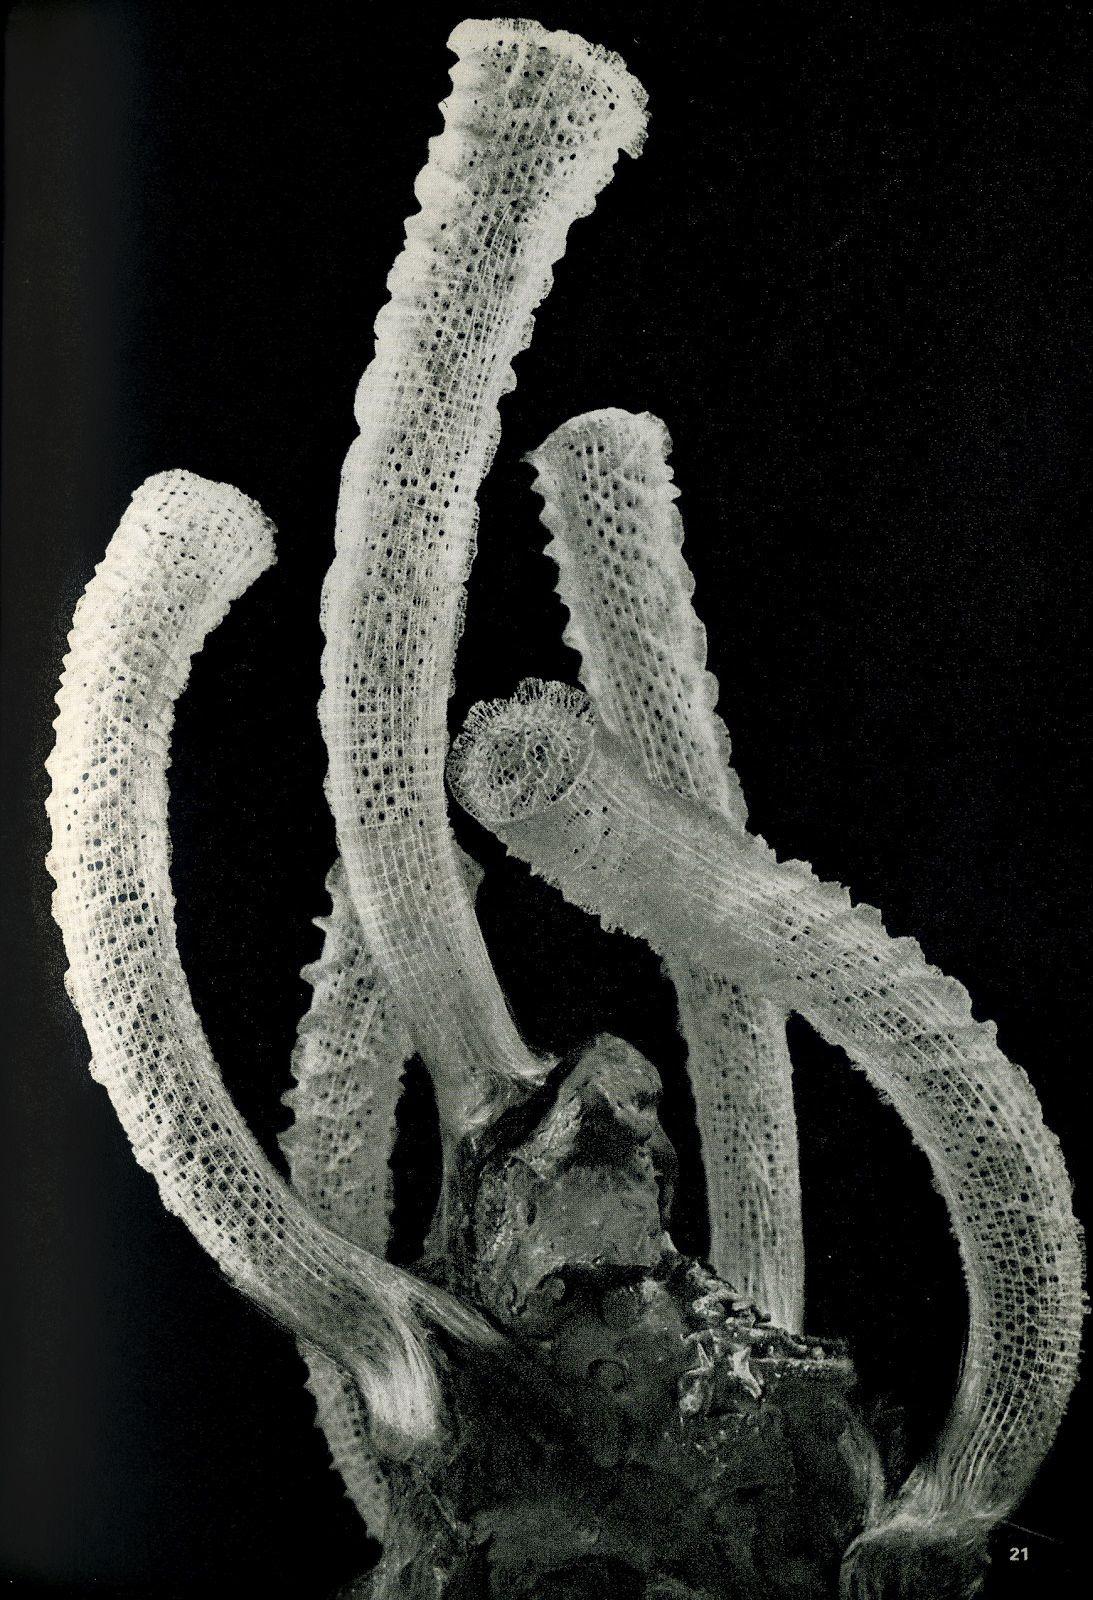 Unknown Photographer, Euplectella aspergillum (Venus's